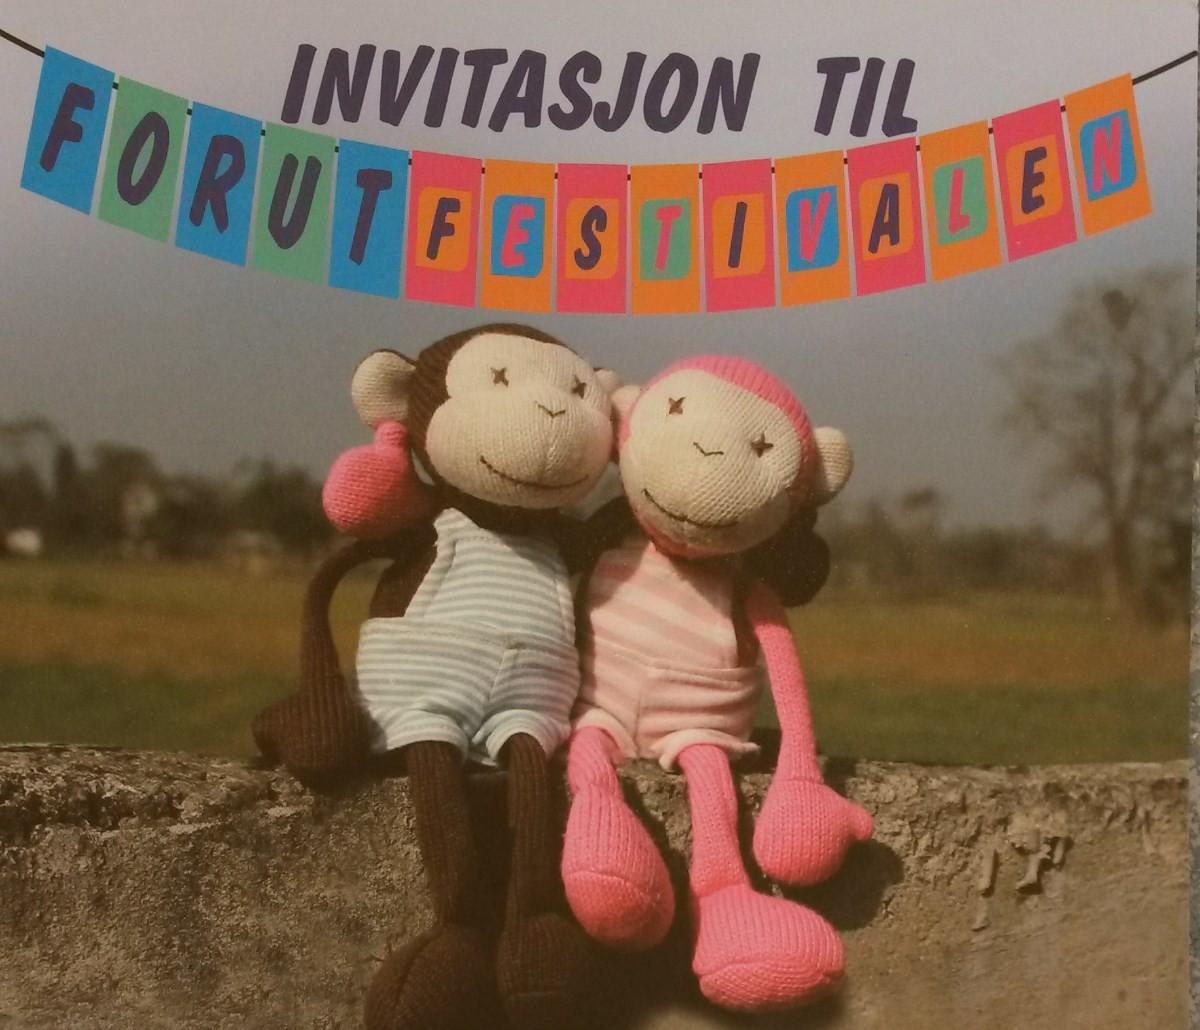 Alle er velkomne til FORUTfestival i oppvekstsentret.